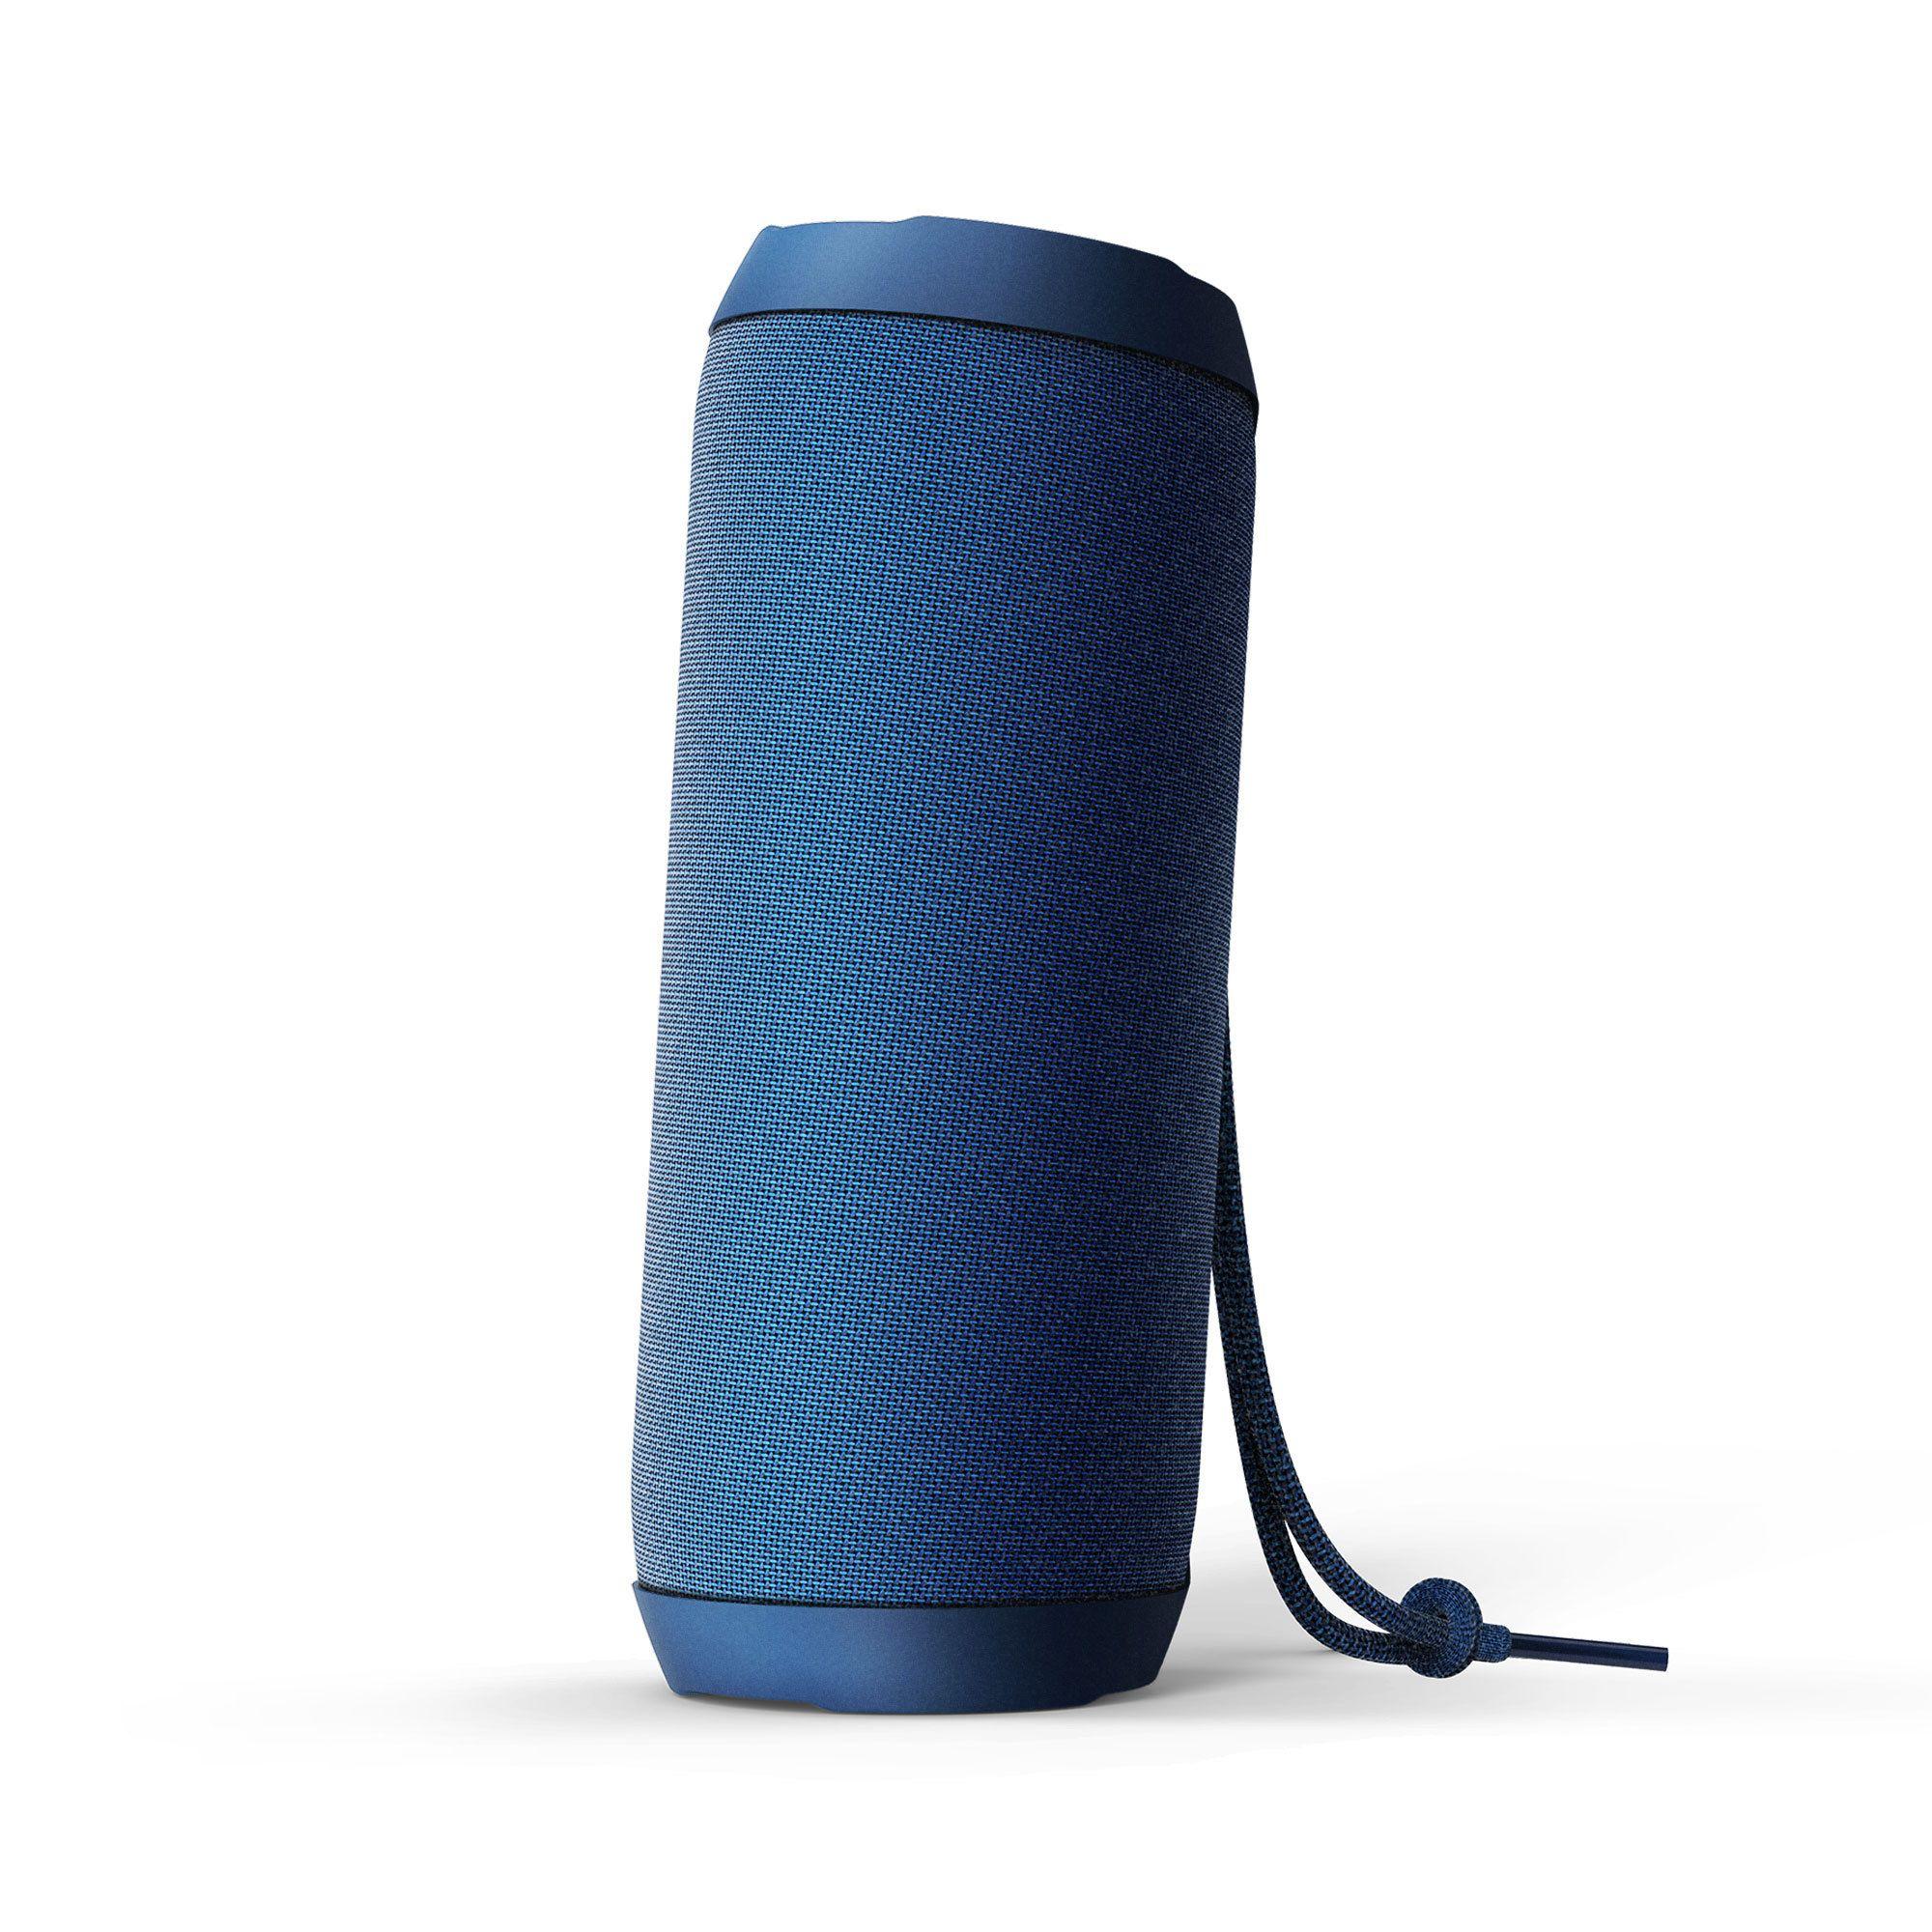 Energy Sistem Urban Box 2 10 W Altavoz portátil estéreo Azul